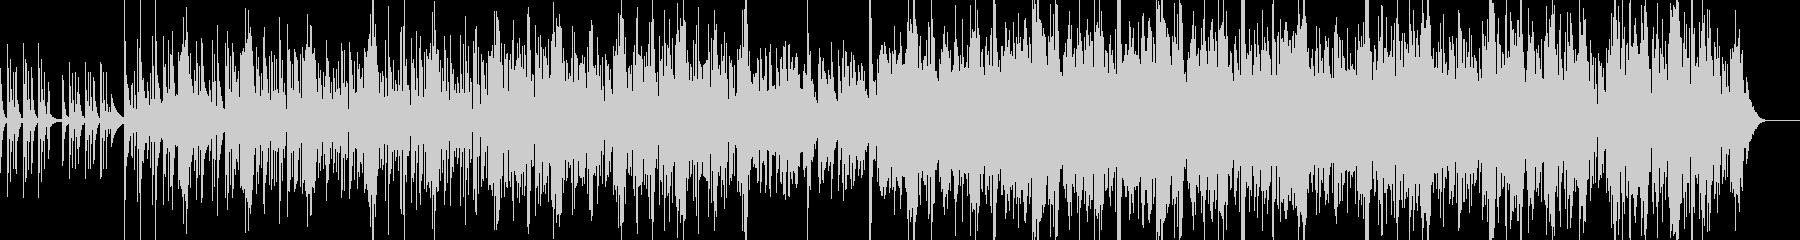 ドラムの未再生の波形